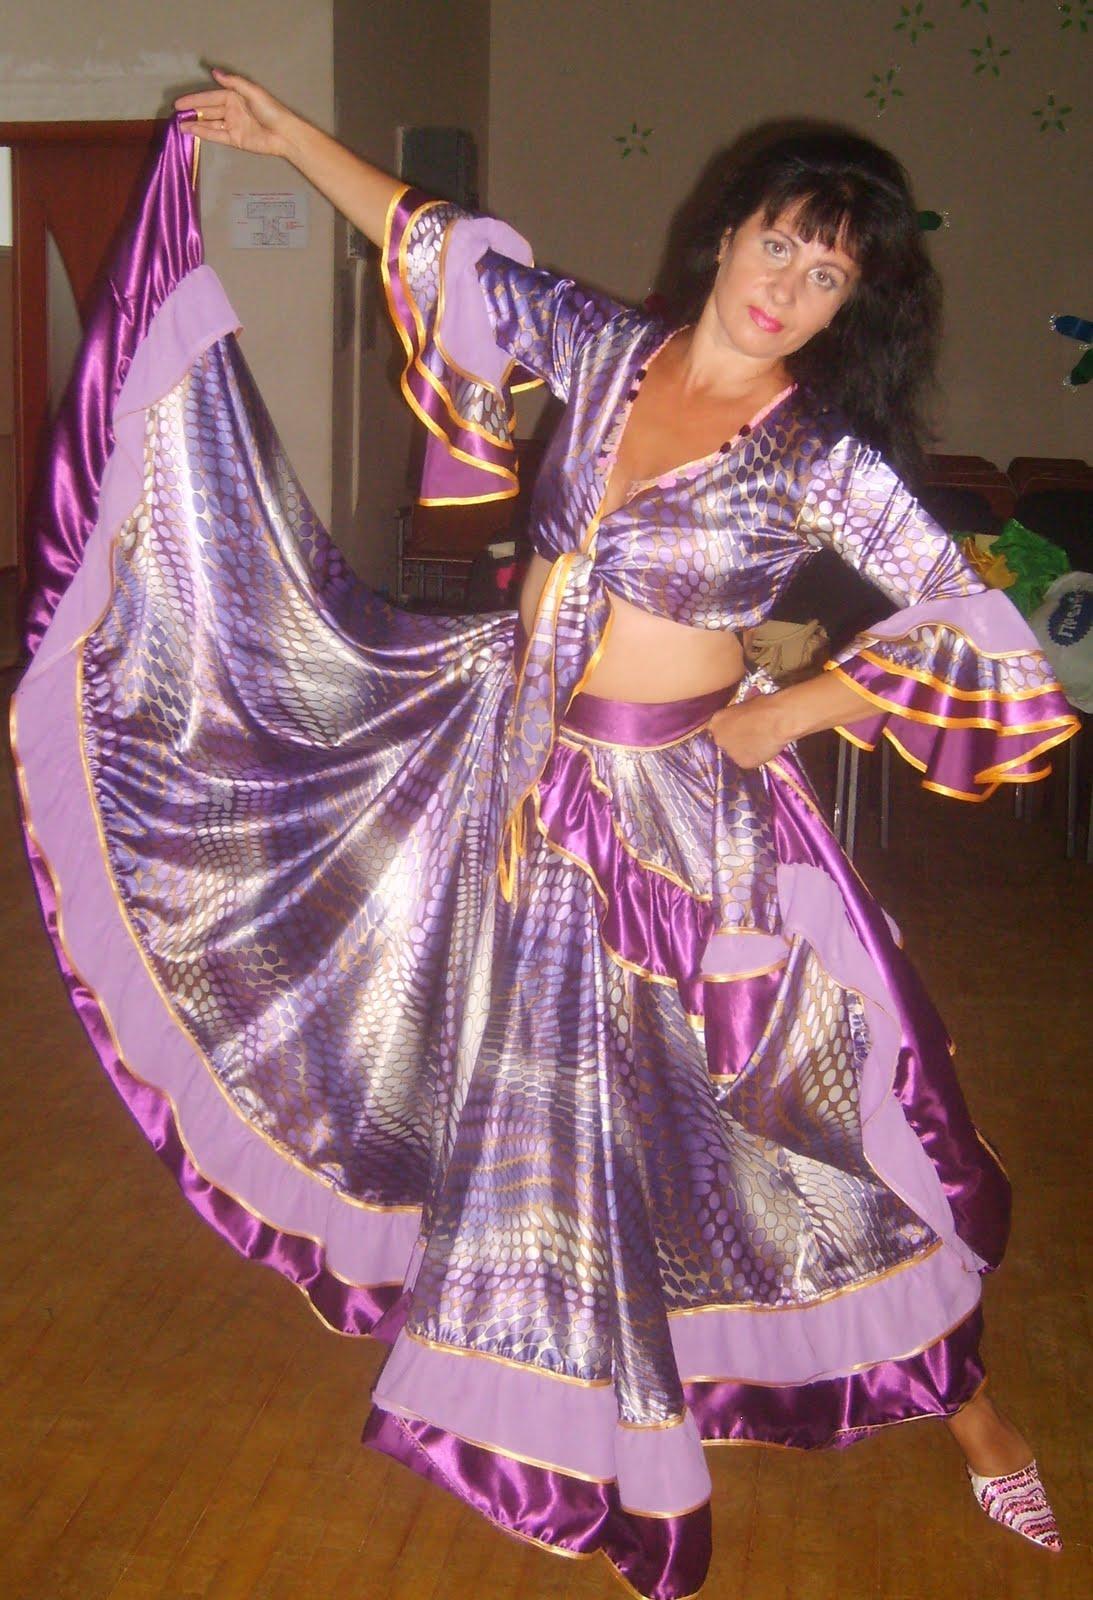 Цыганский костюм для девочки своими руками фото